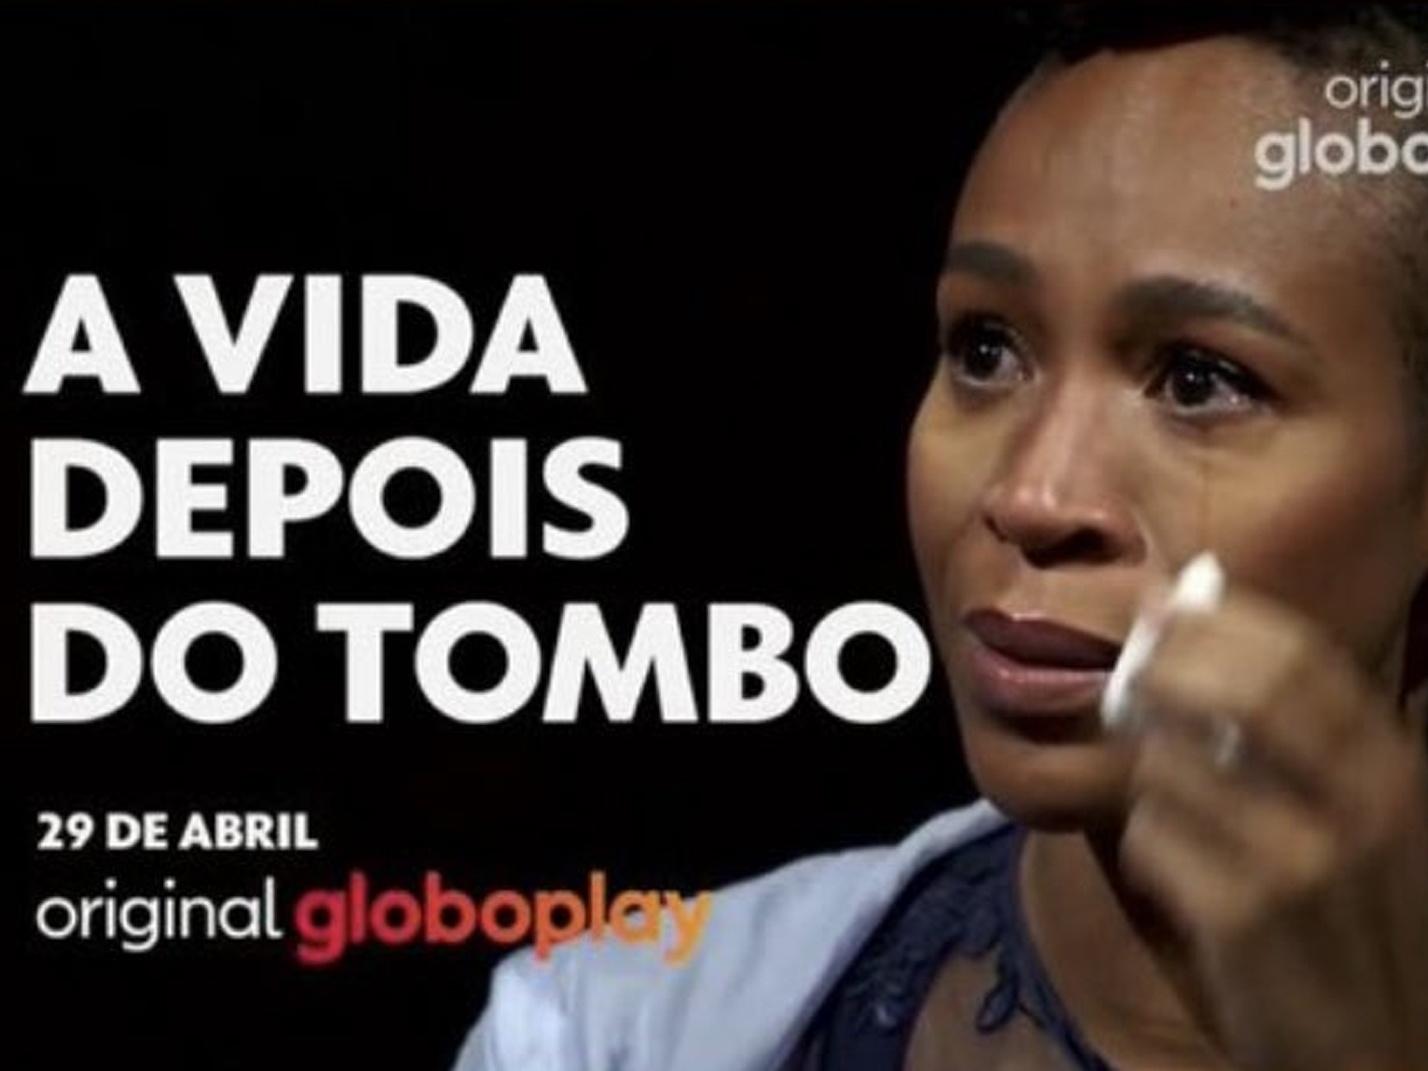 'A Vida depois do Tombo', Globoplay anuncia série de Karol Conká em abril